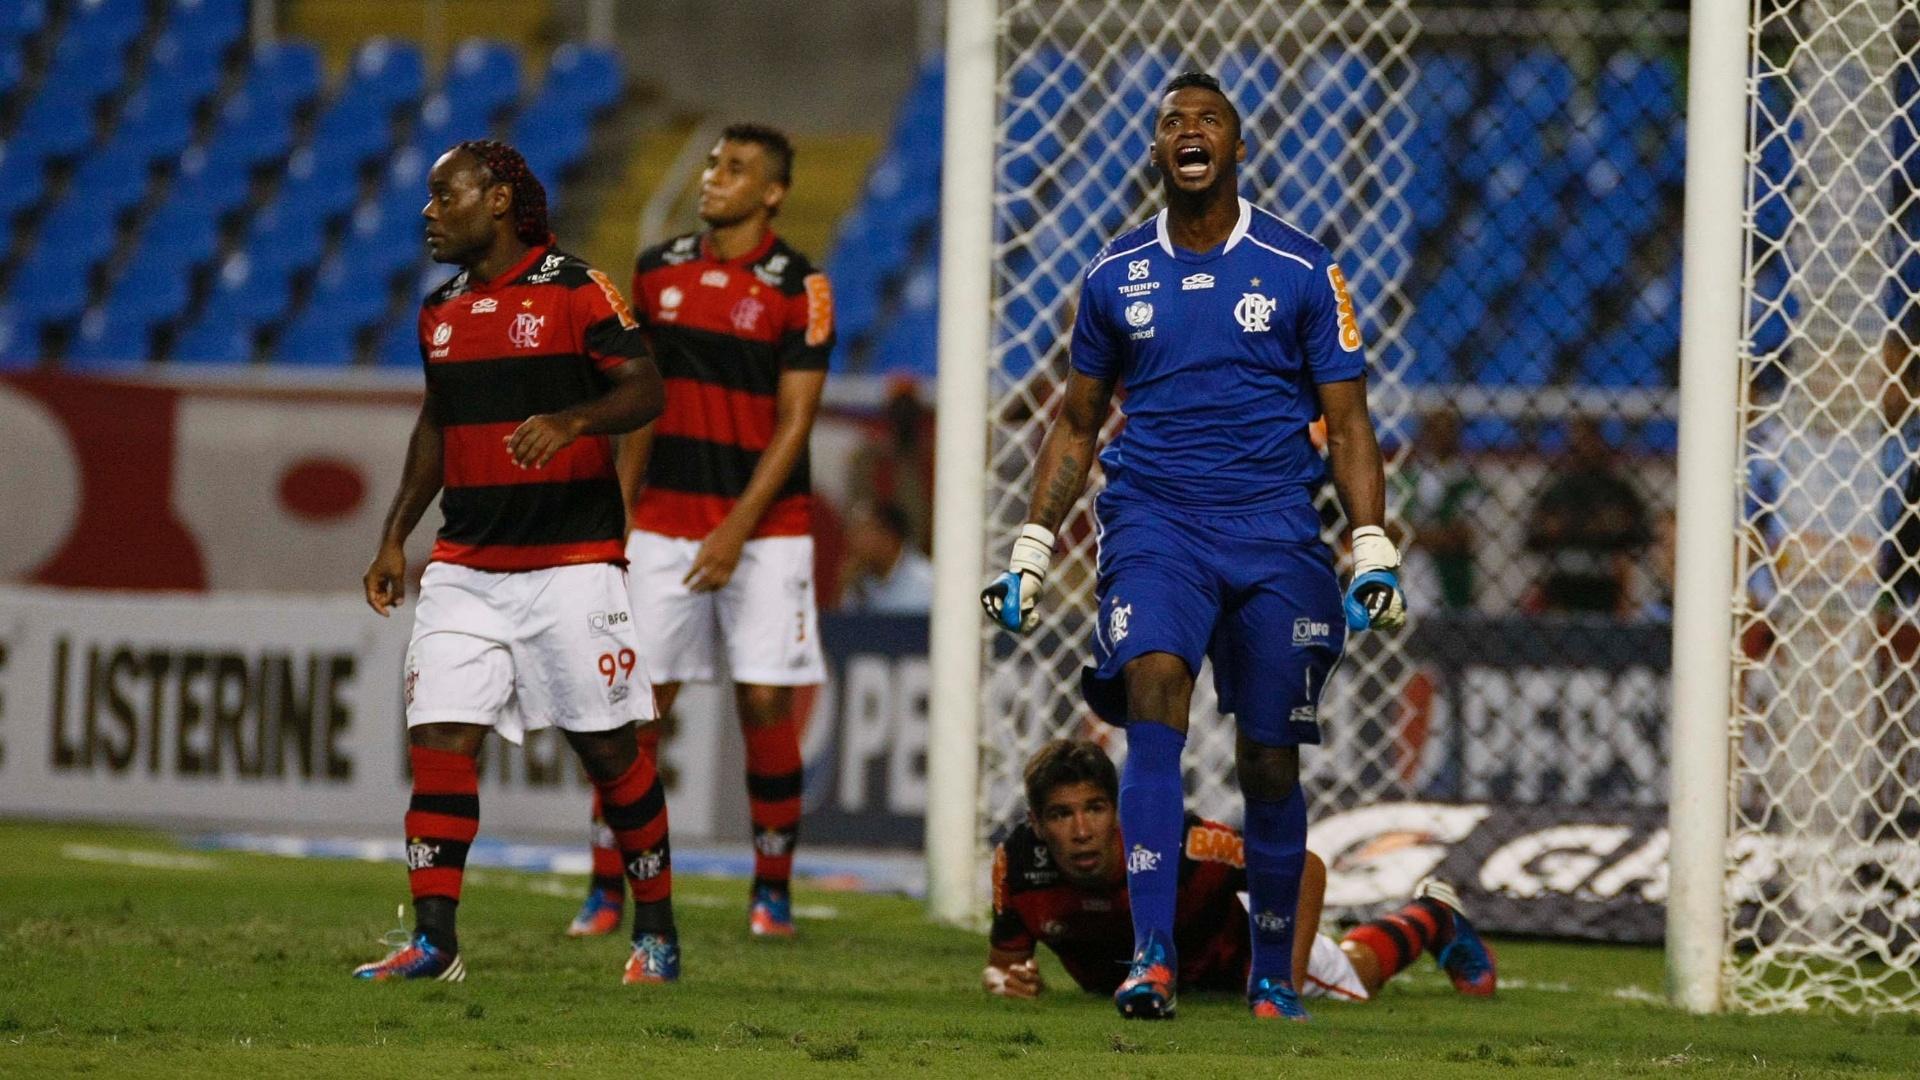 Felipe, goleiro do Flamengo, vibra com defesa feita no clássico contra o Vasco